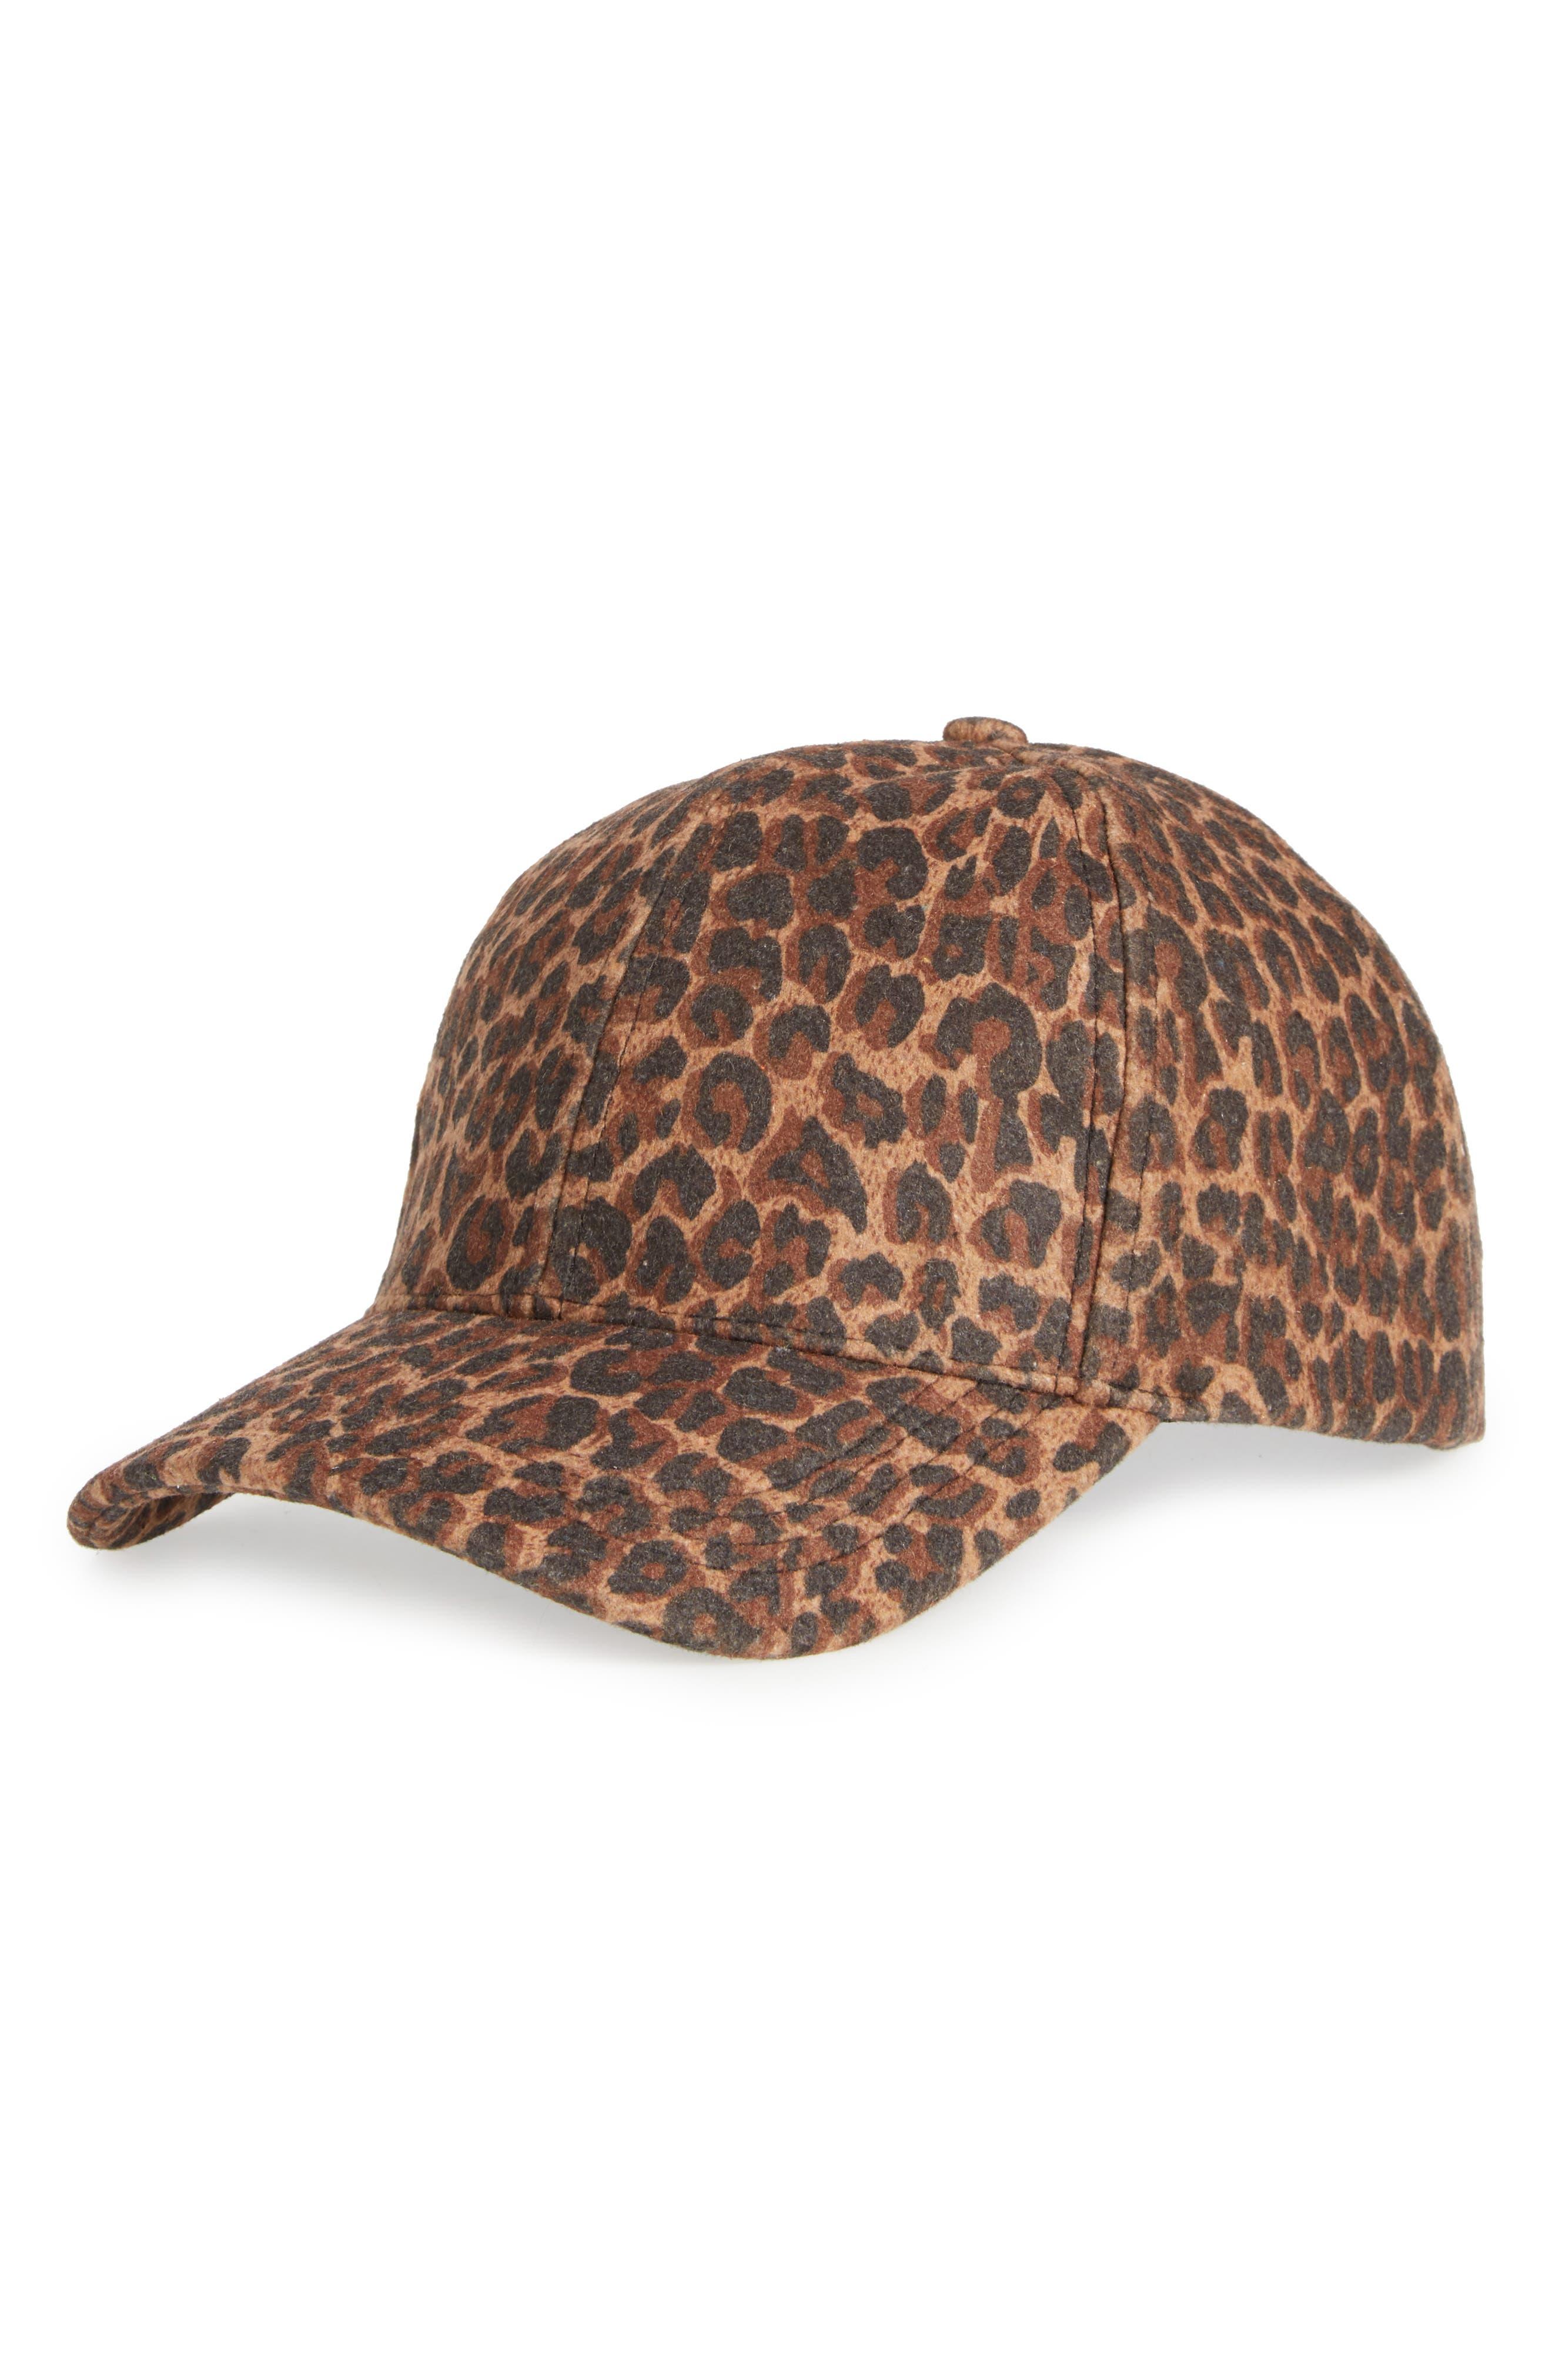 David & Young Leopard Print Ball Cap